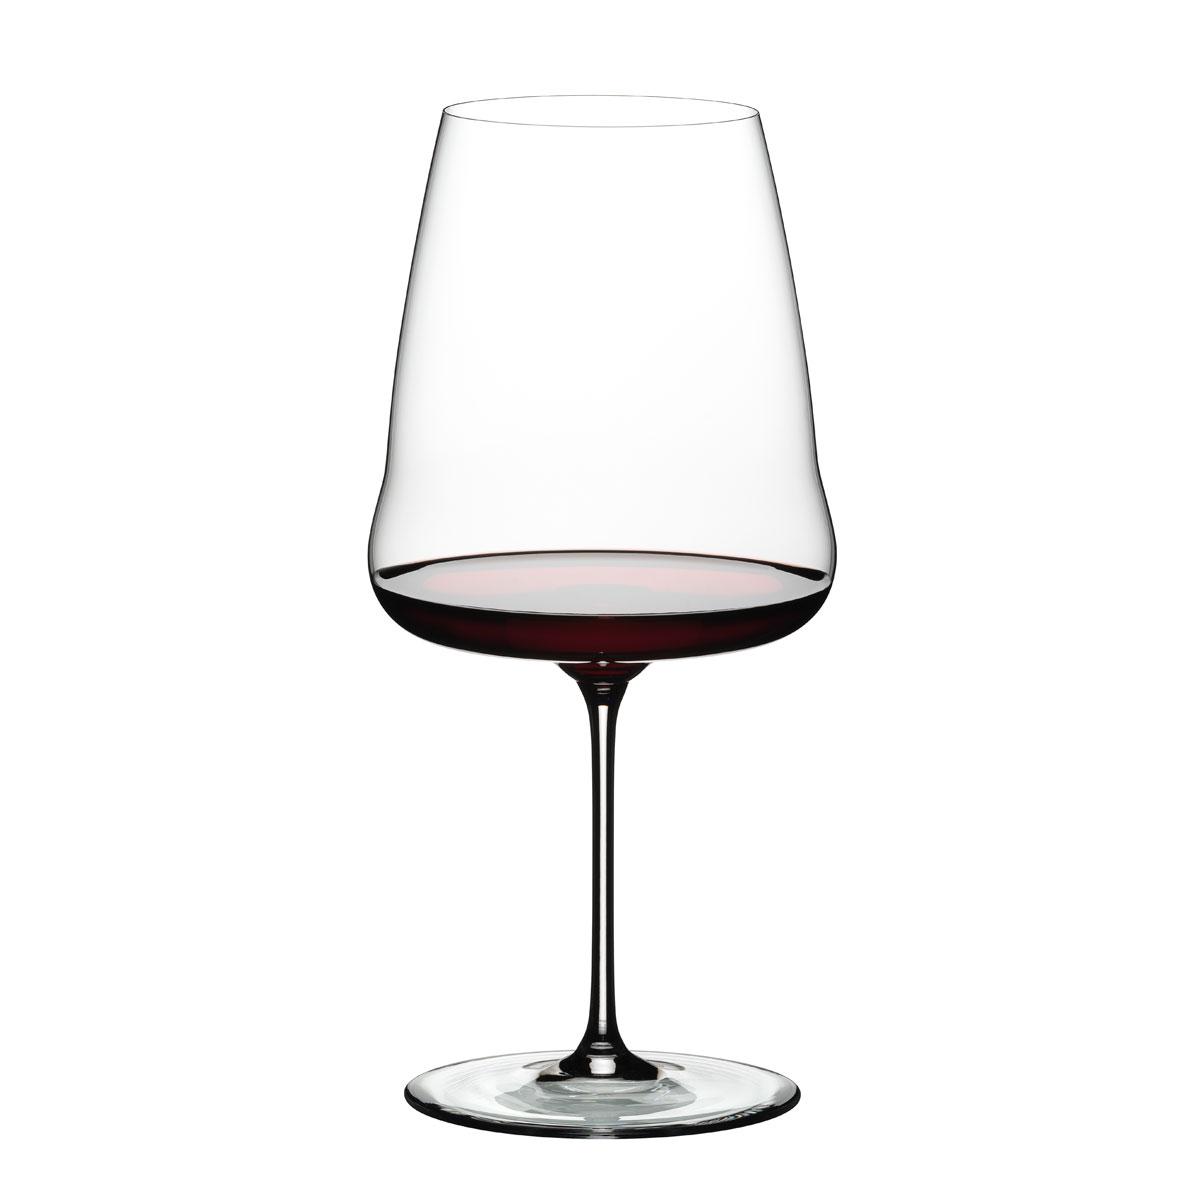 Riedel Winewings Cabernet Sauvignon Wine Glass, Single